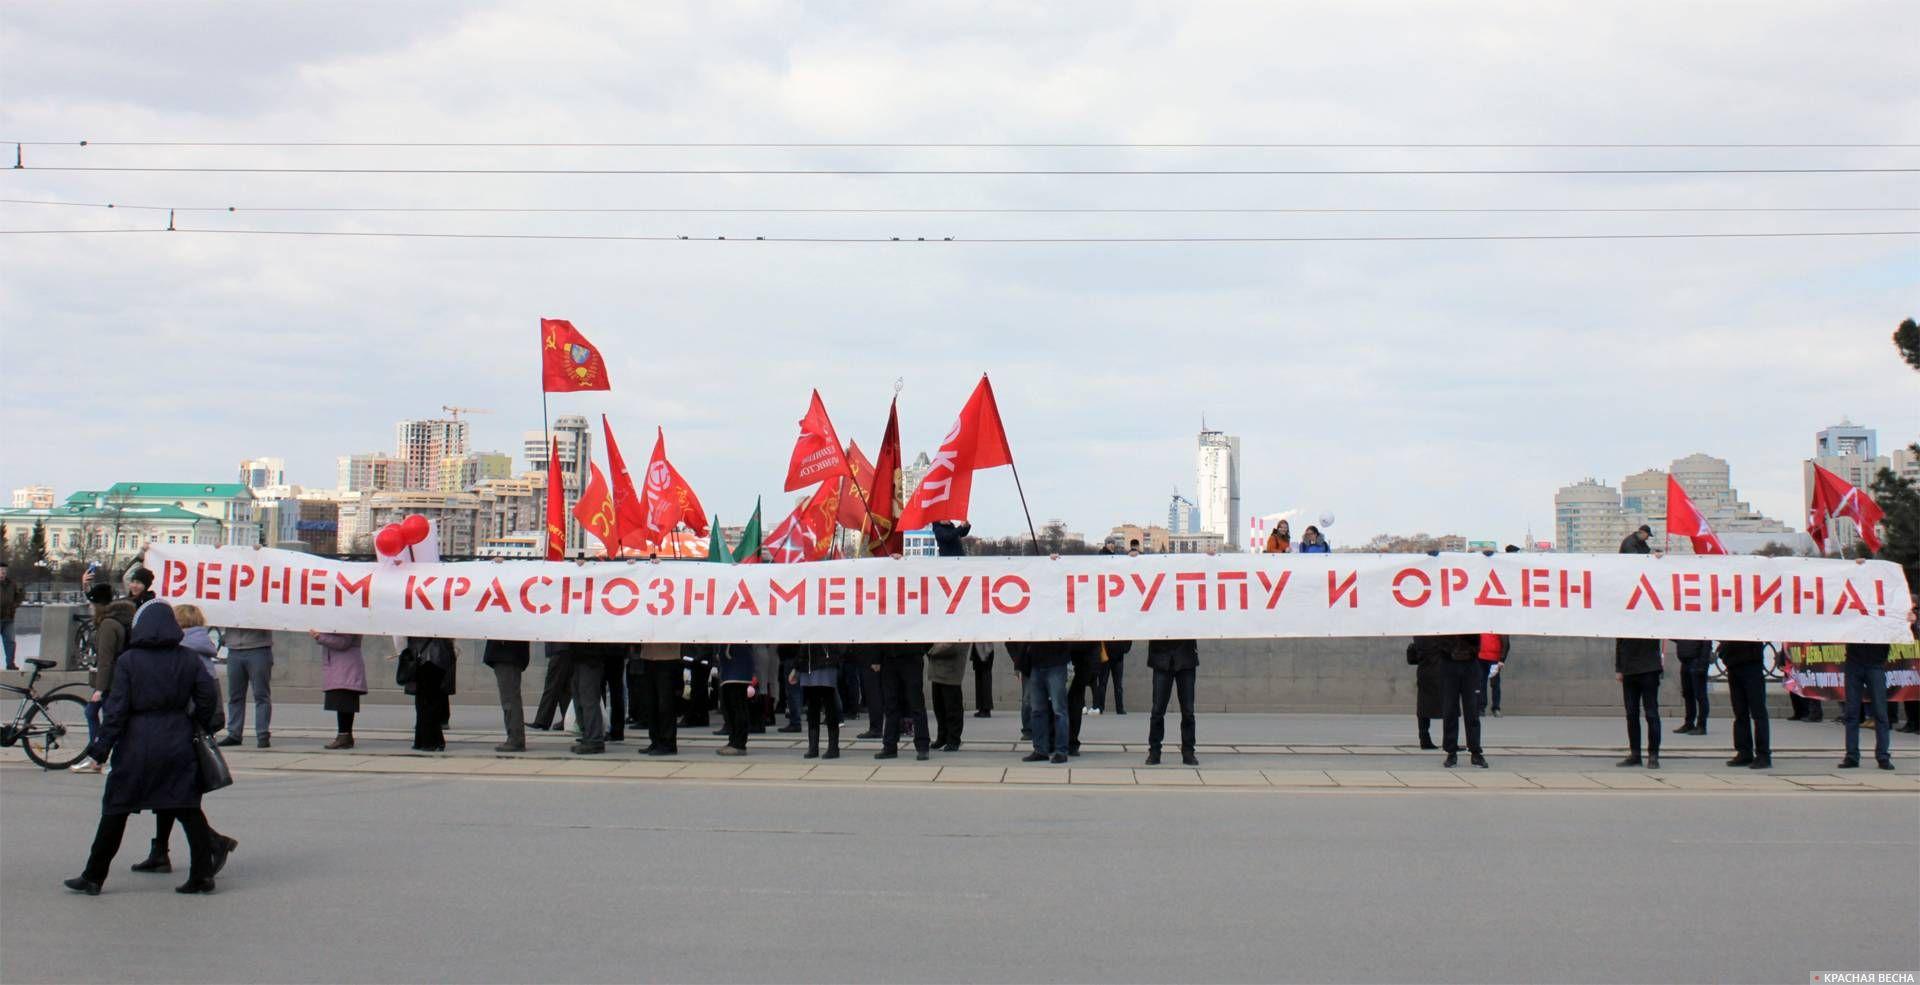 В Екатеринбурге напомнили о Краснознаменной группе на Первомае